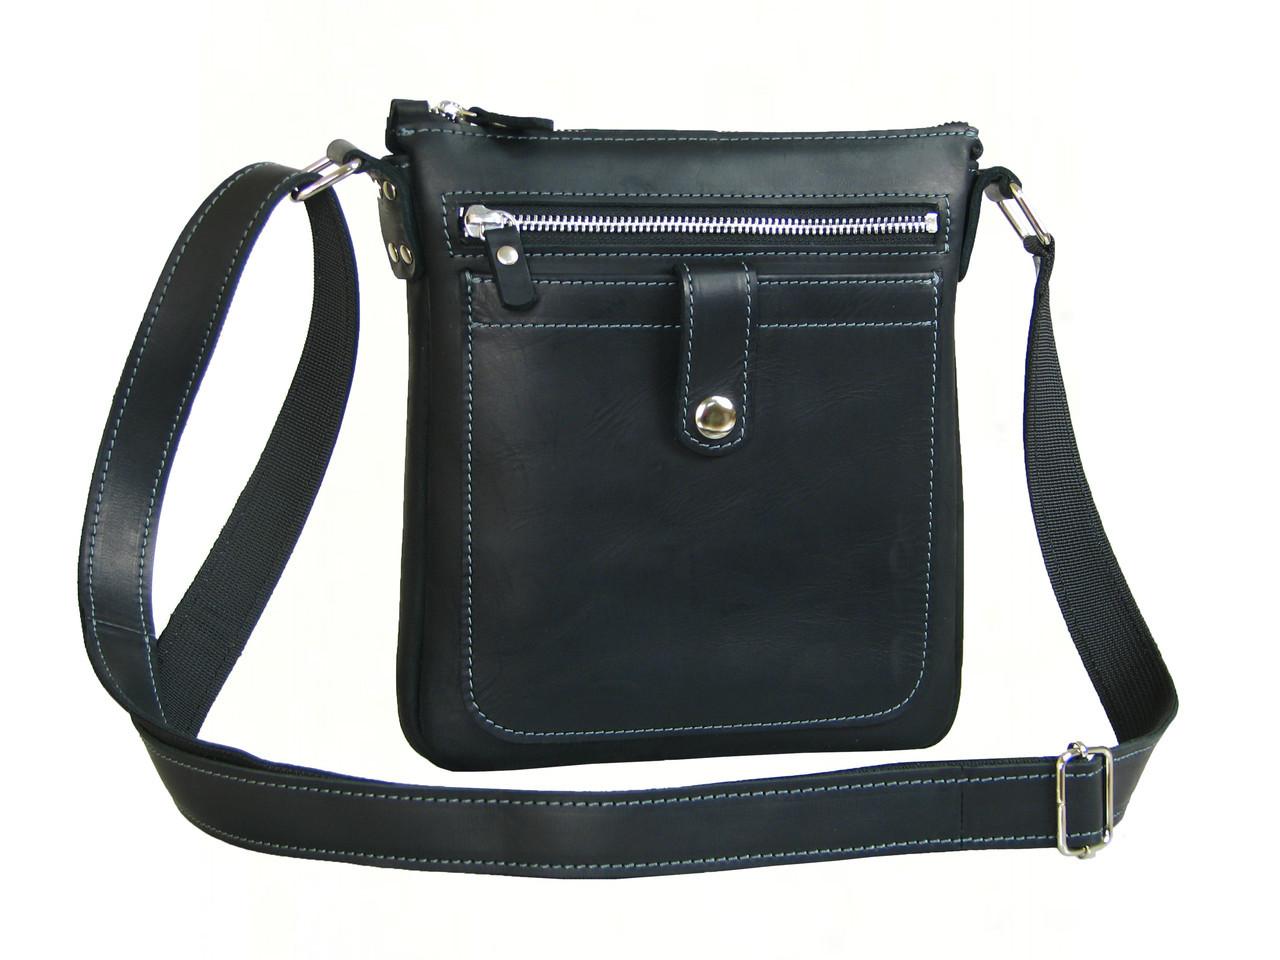 Кожаная сумка планшет GS мужская черная с серой строчкой